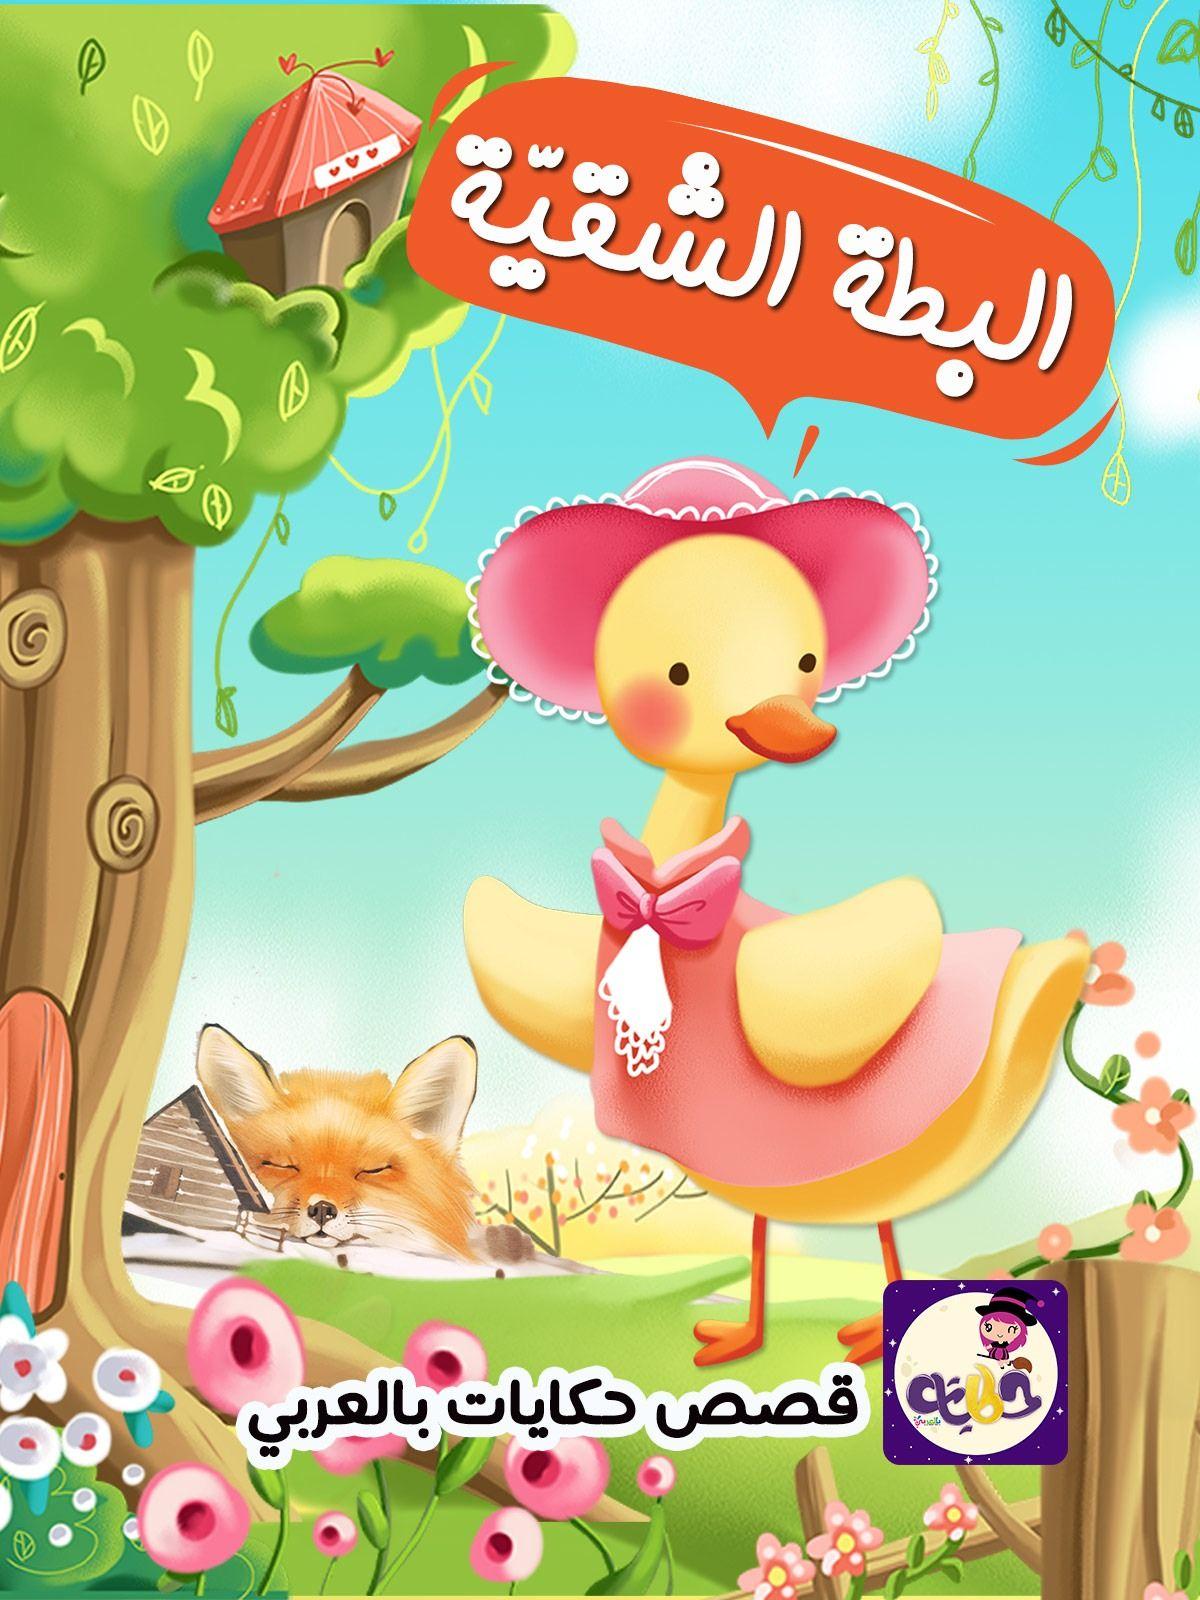 البطة الشقية قصص حيوانات الغابة بتطبيق قصص وحكايات بالعربي قصص هادفة للاطفال Character Pikachu Fictional Characters